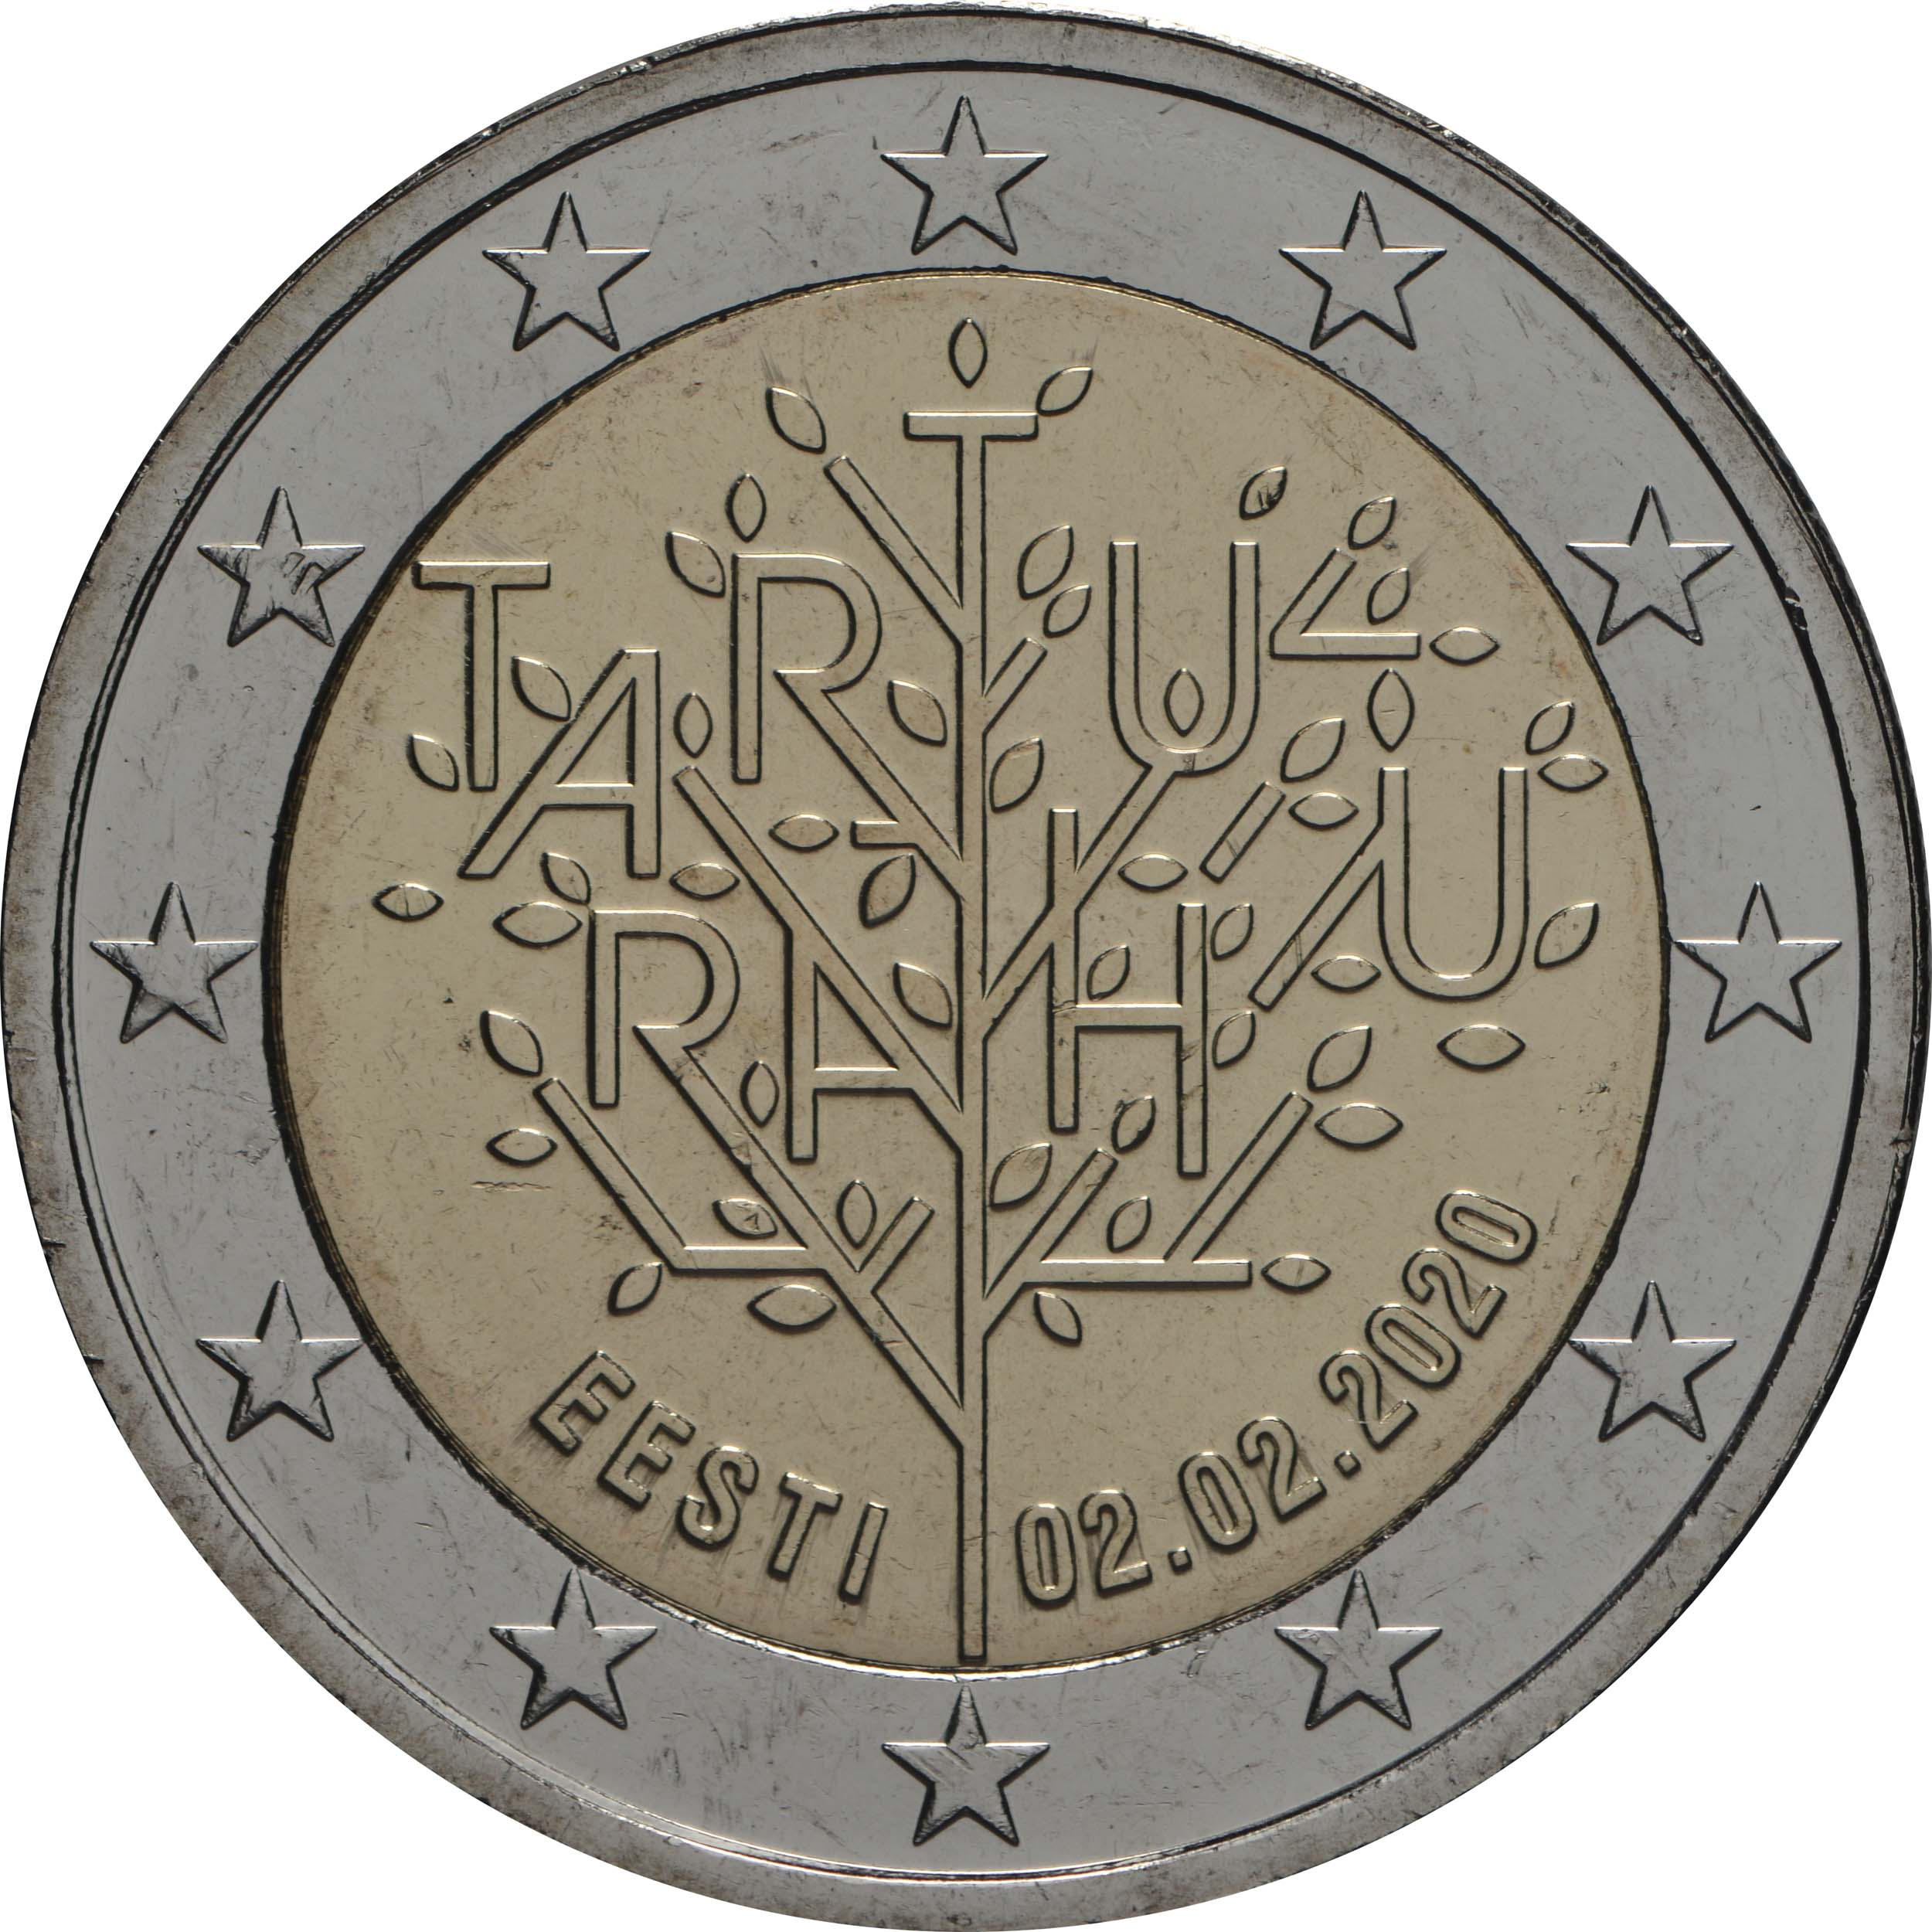 2020 369 Estland Frieden Tartu.jpg